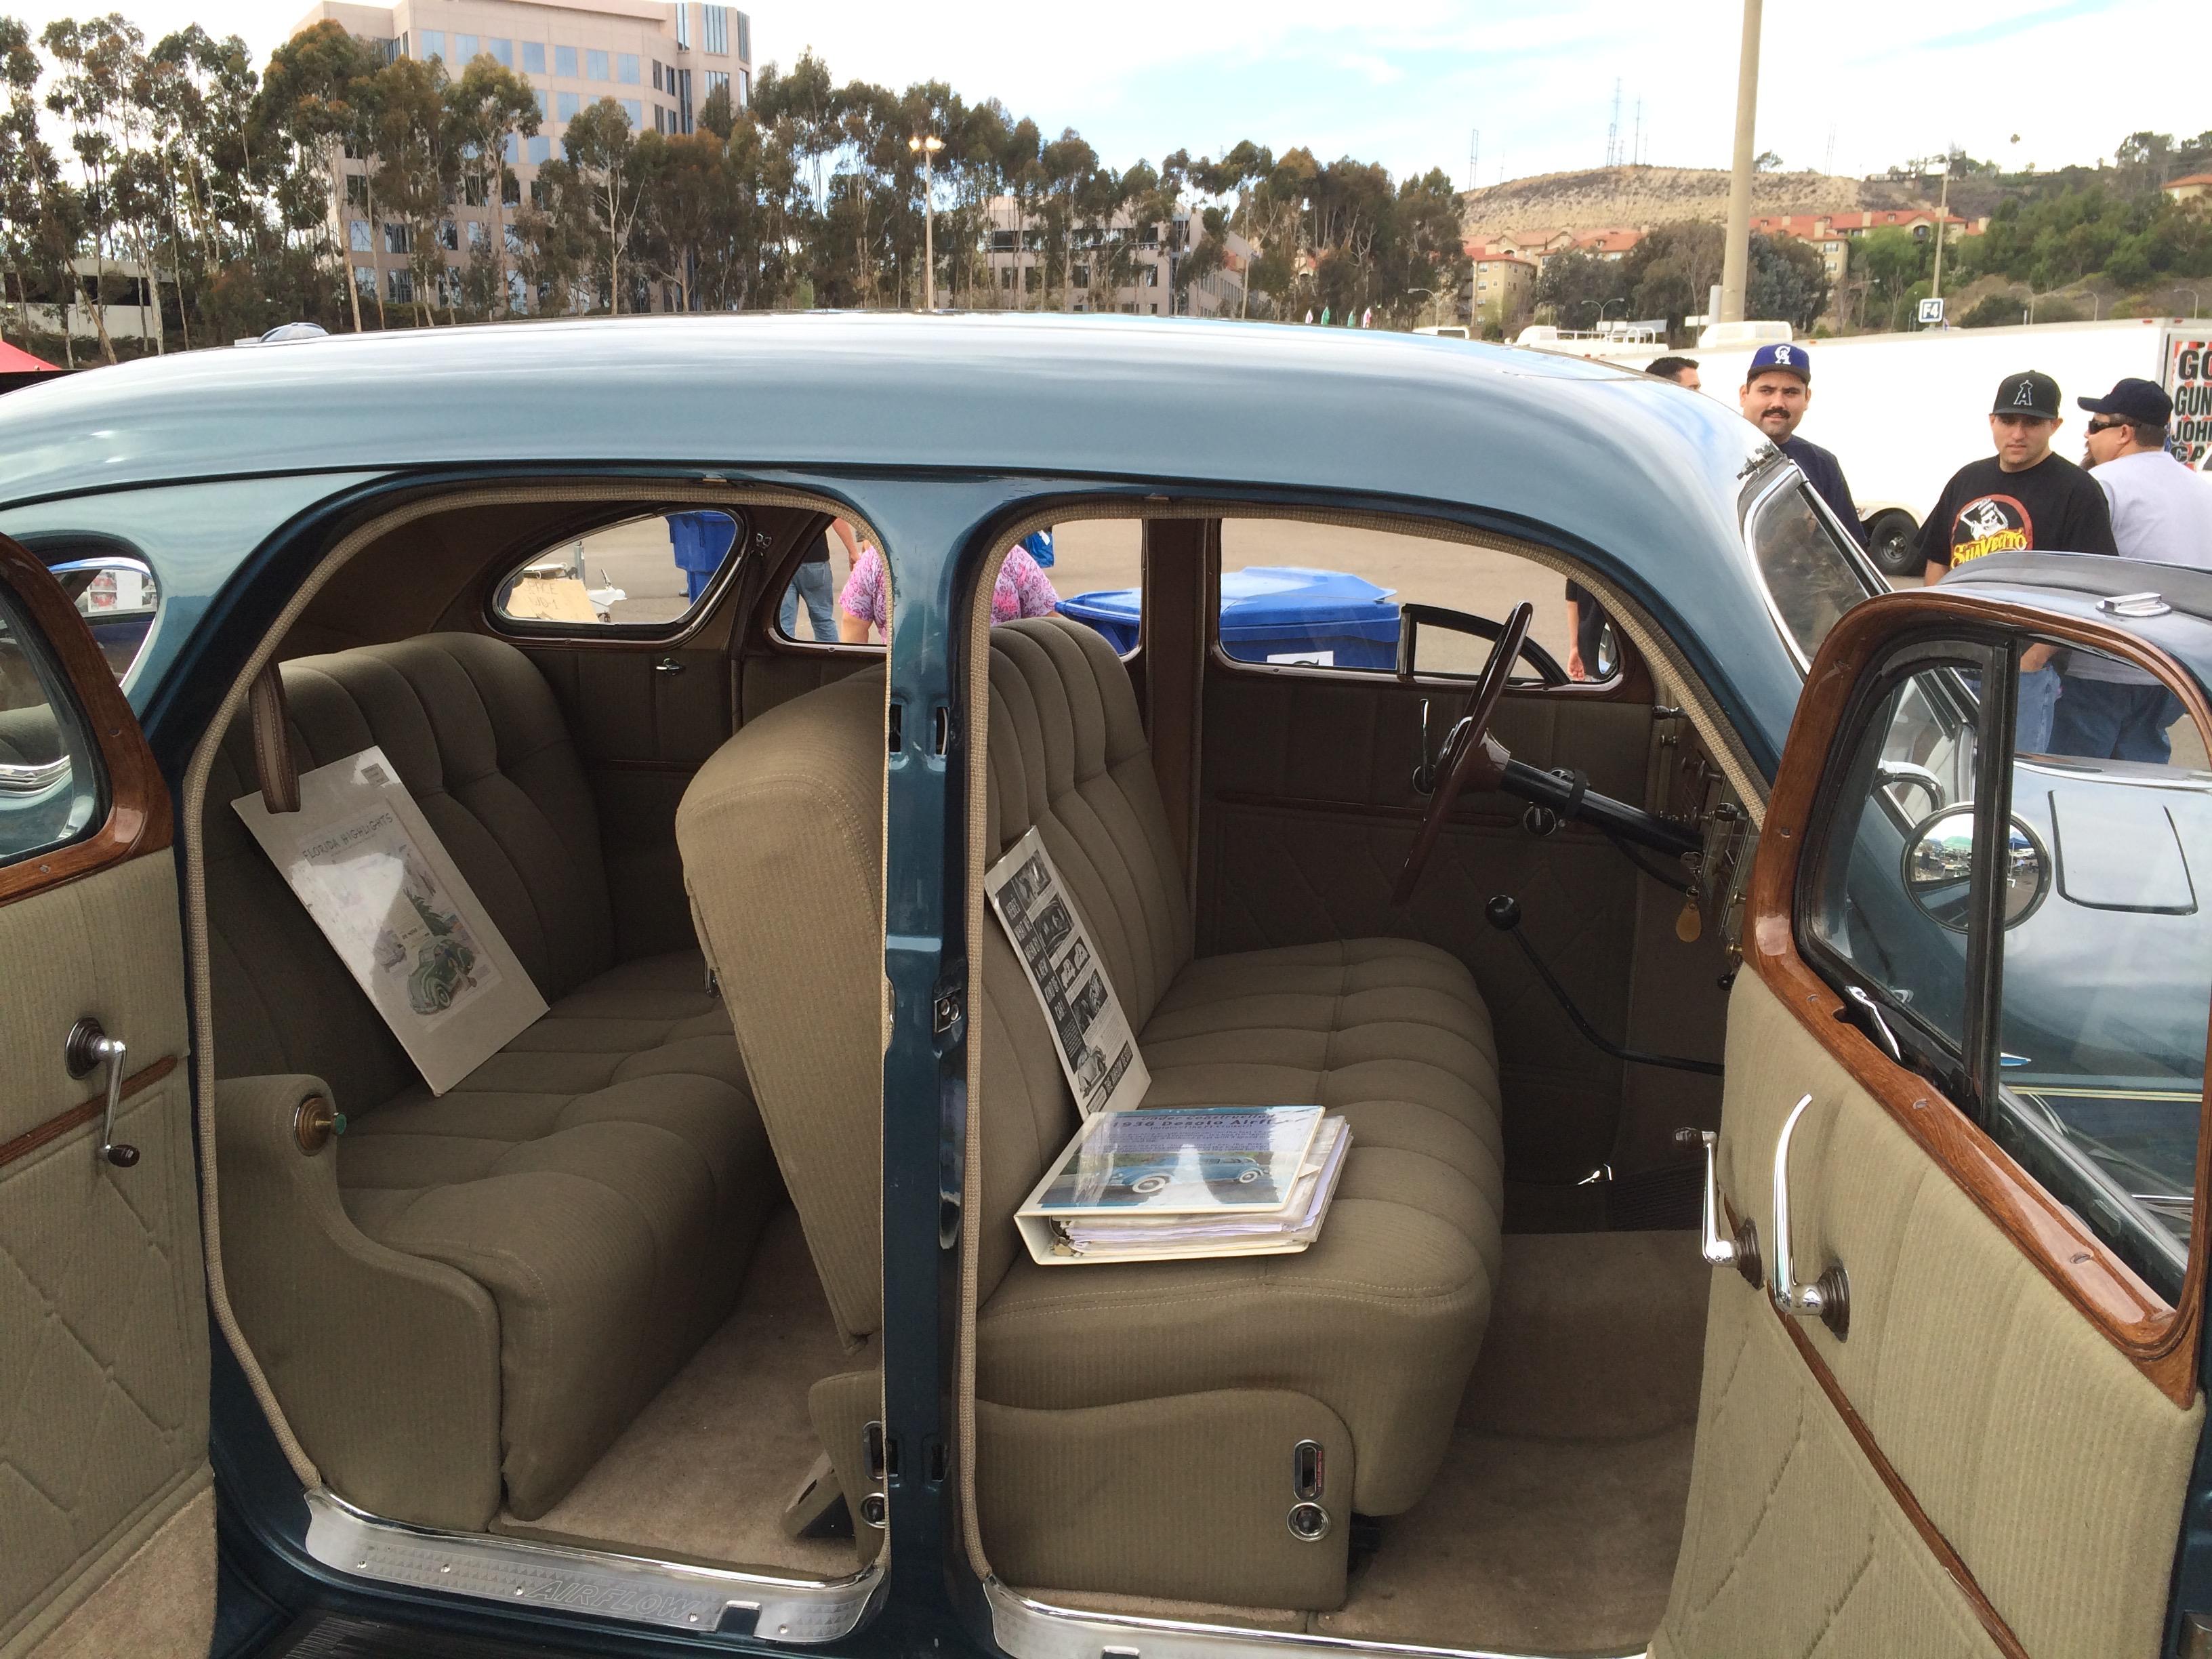 1936 DeSoto S2 Sedan interior